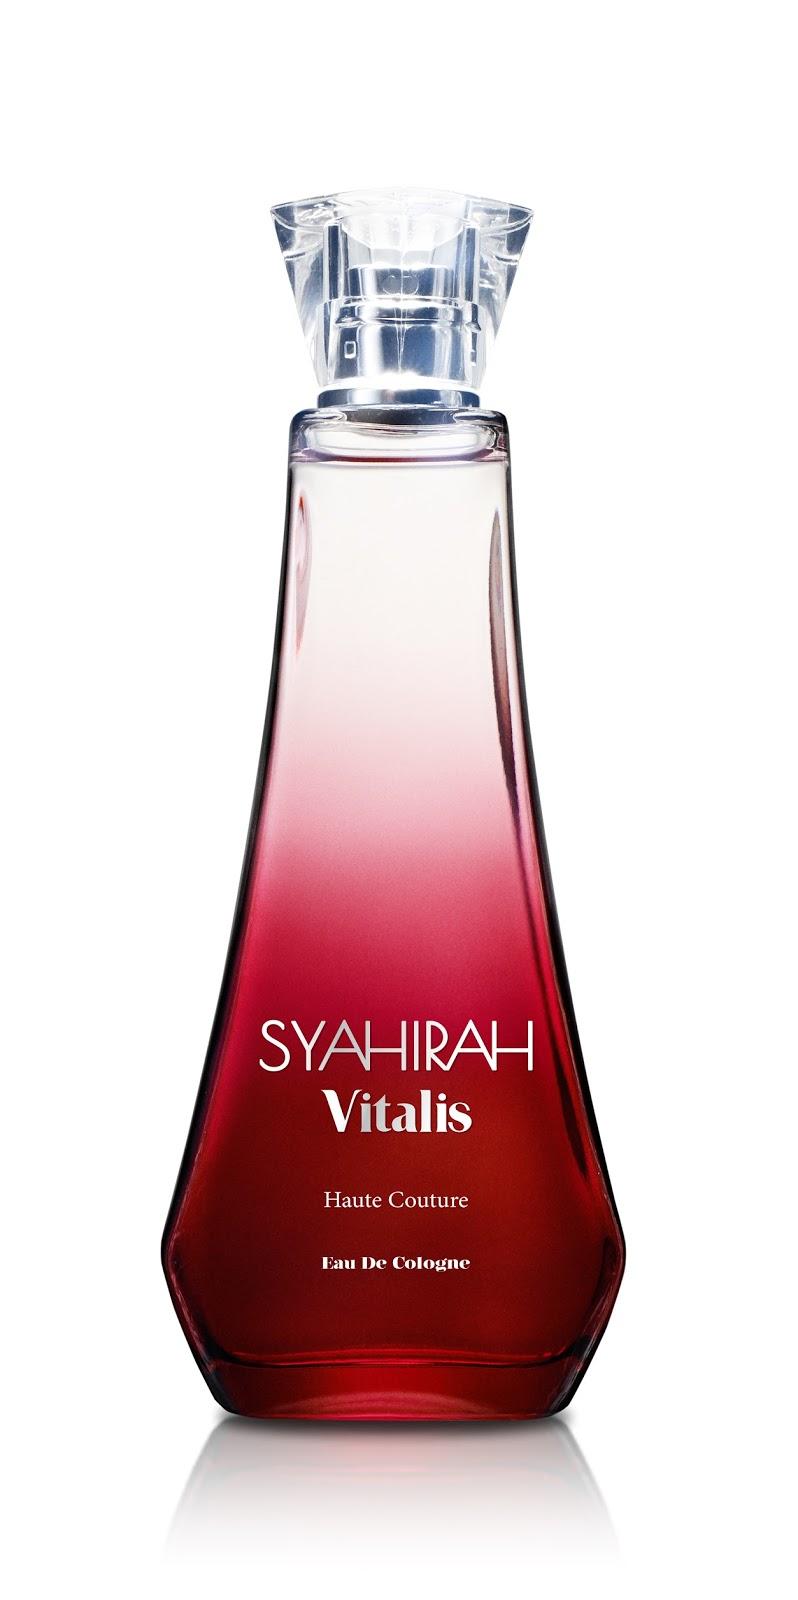 Syahirah Vitalis Eau De Cologne, perfume terbaru keluaran syahirah, harga, koleksi terbaru